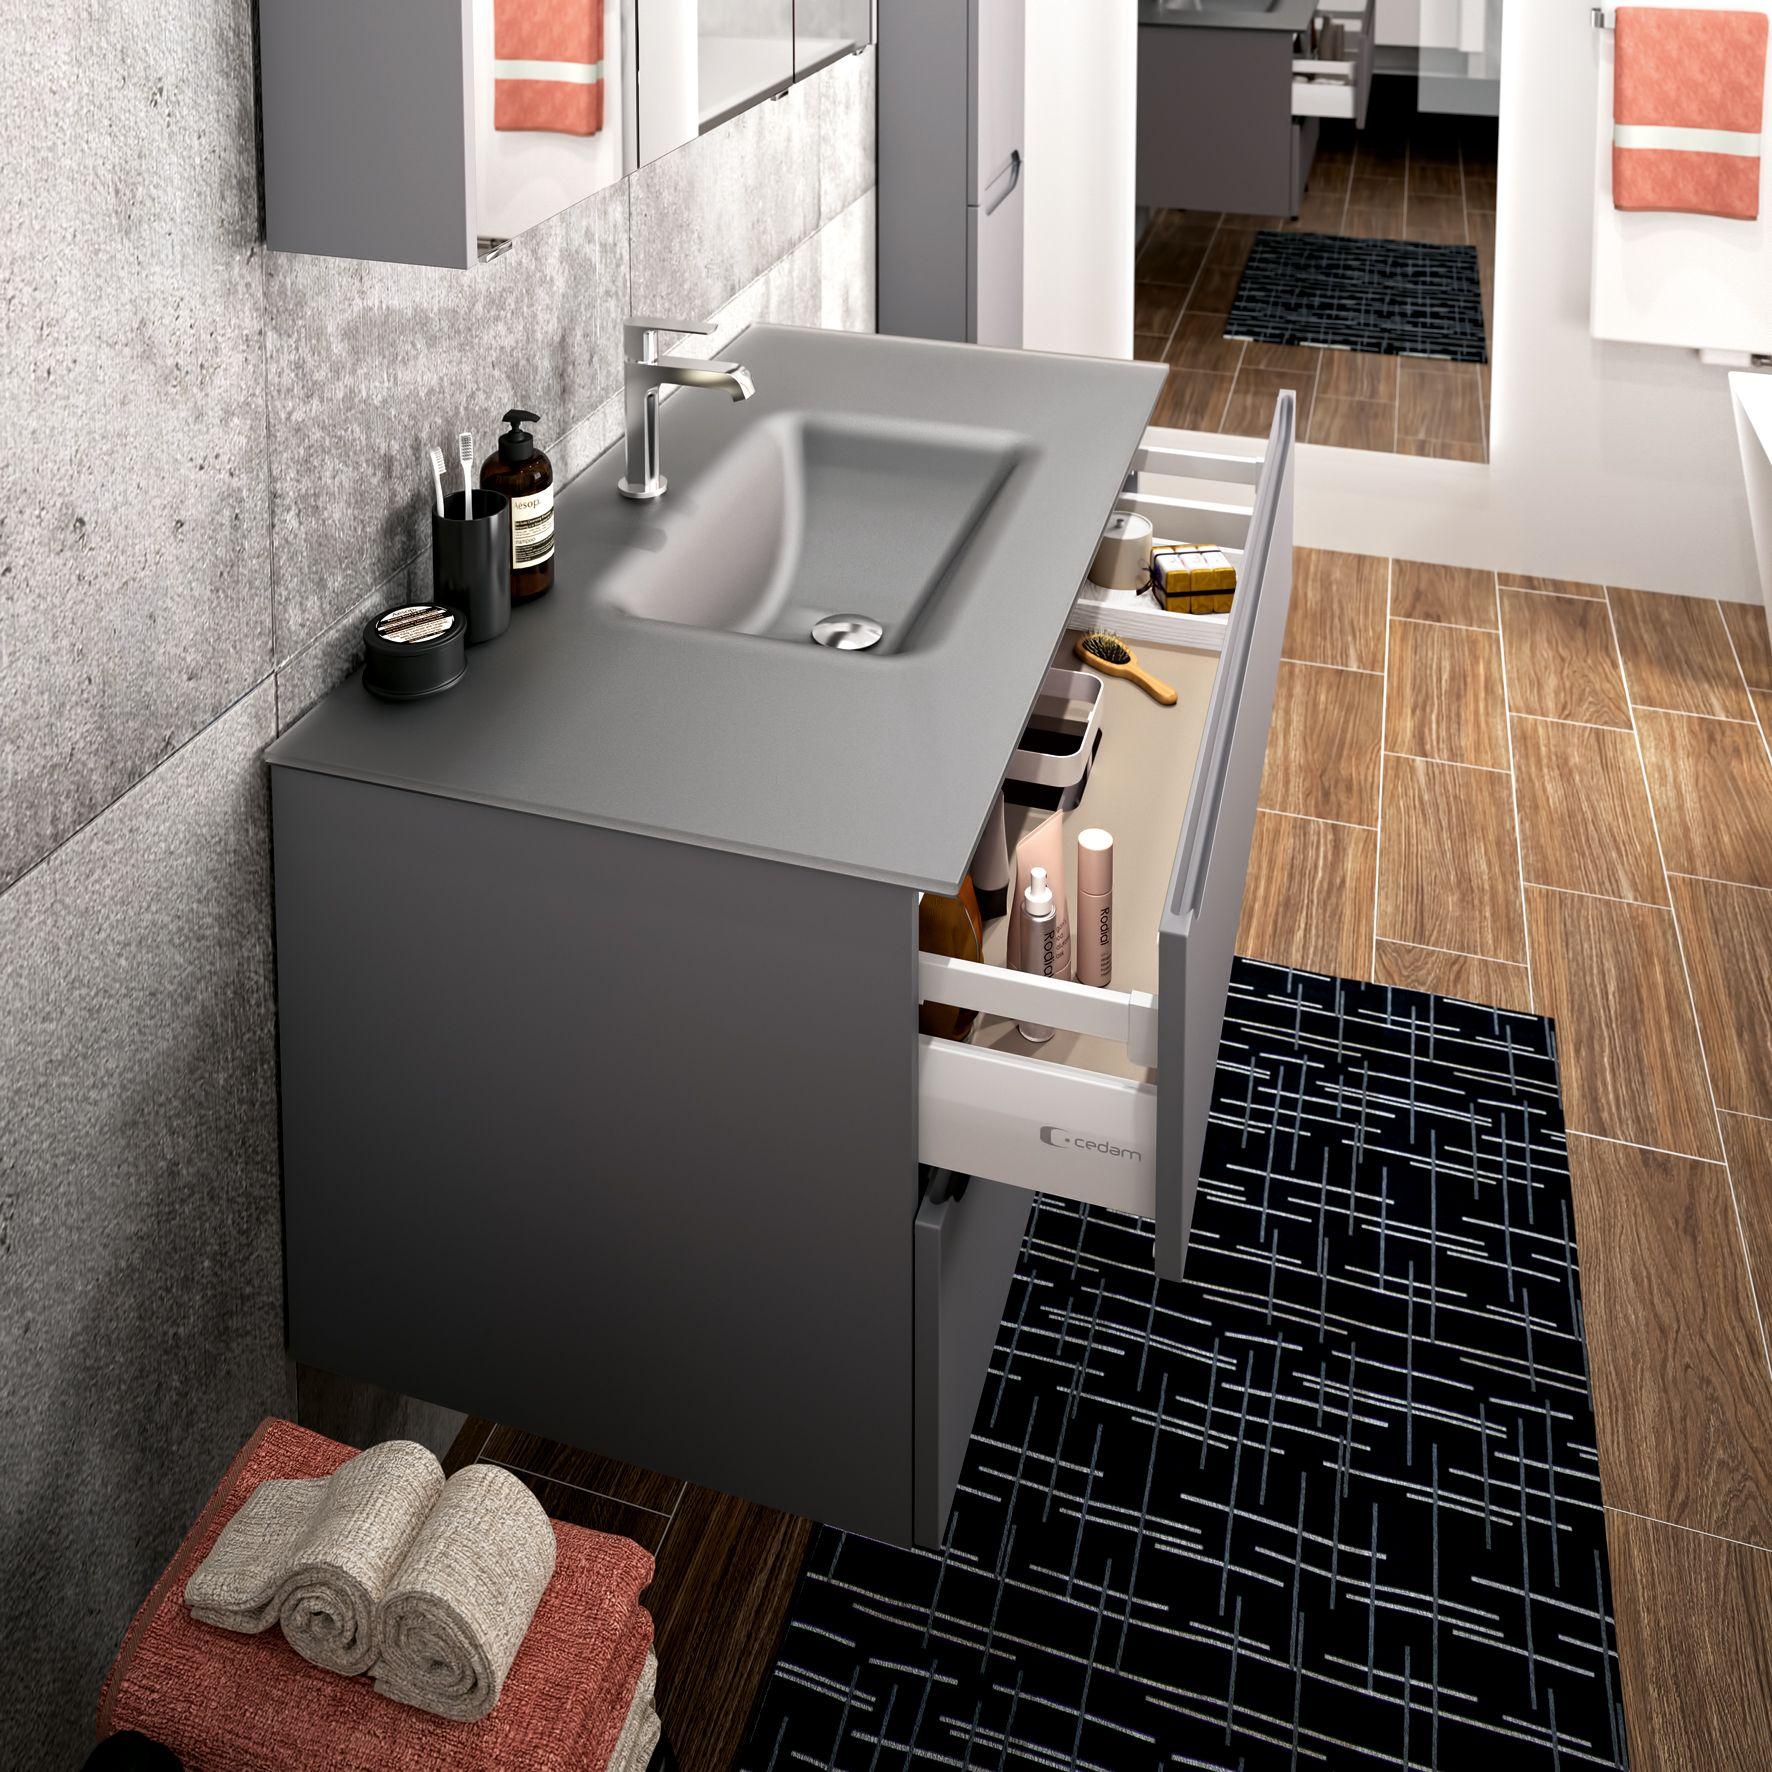 Plan Vasque En Verre Anthracite Sable Feeling Meubles De Salle De Bains Baignoires Fabric Idee Salle De Bain Meuble Salle De Bain Meuble De Salle De Bain